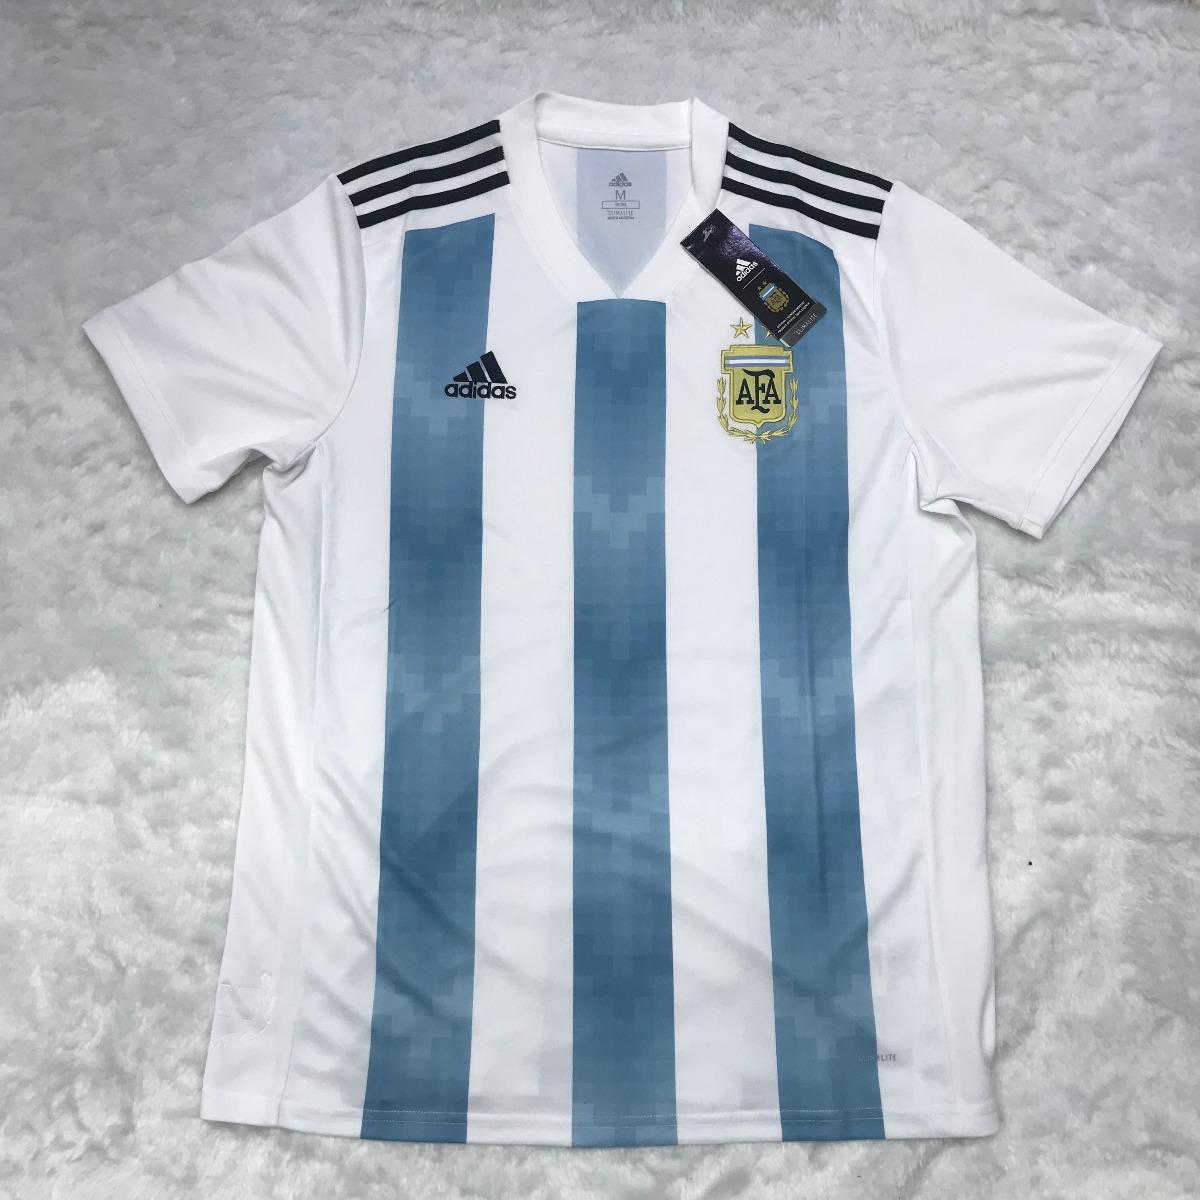 c14fc33c66 camisa futebol argentina copa do mundo 2018 oficial-promoção. Carregando  zoom.